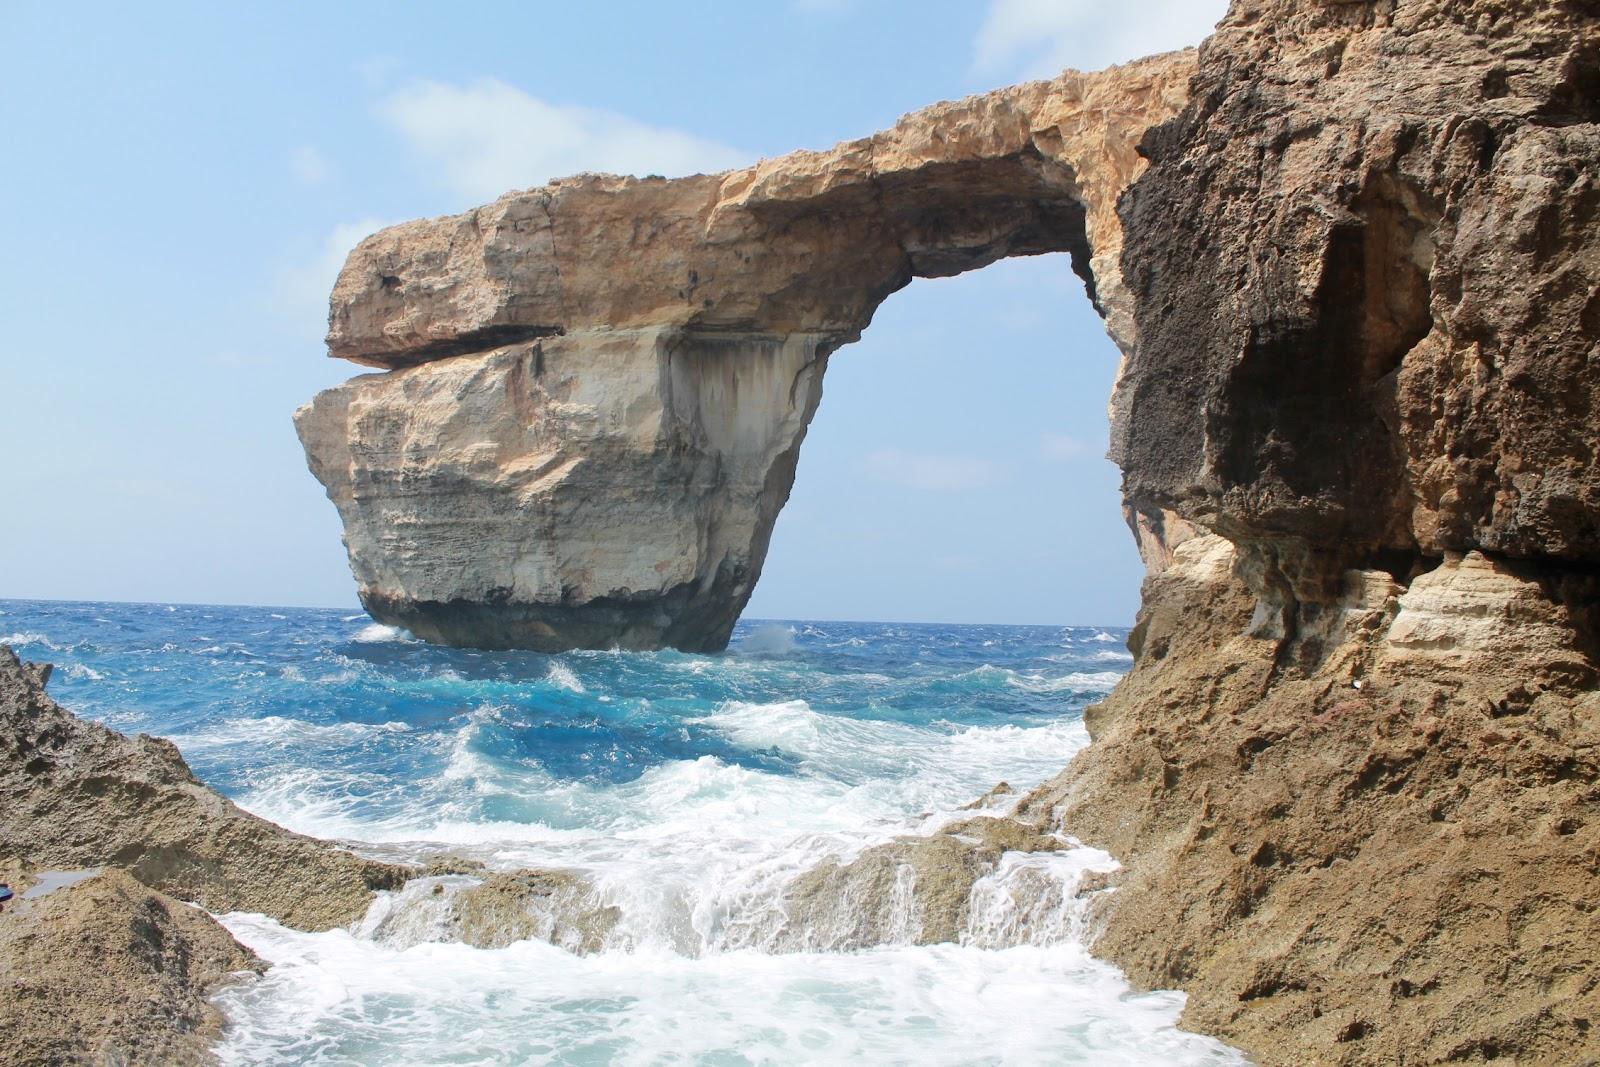 La necessit di viaggiare malta - La finestra azzurra gozo ...